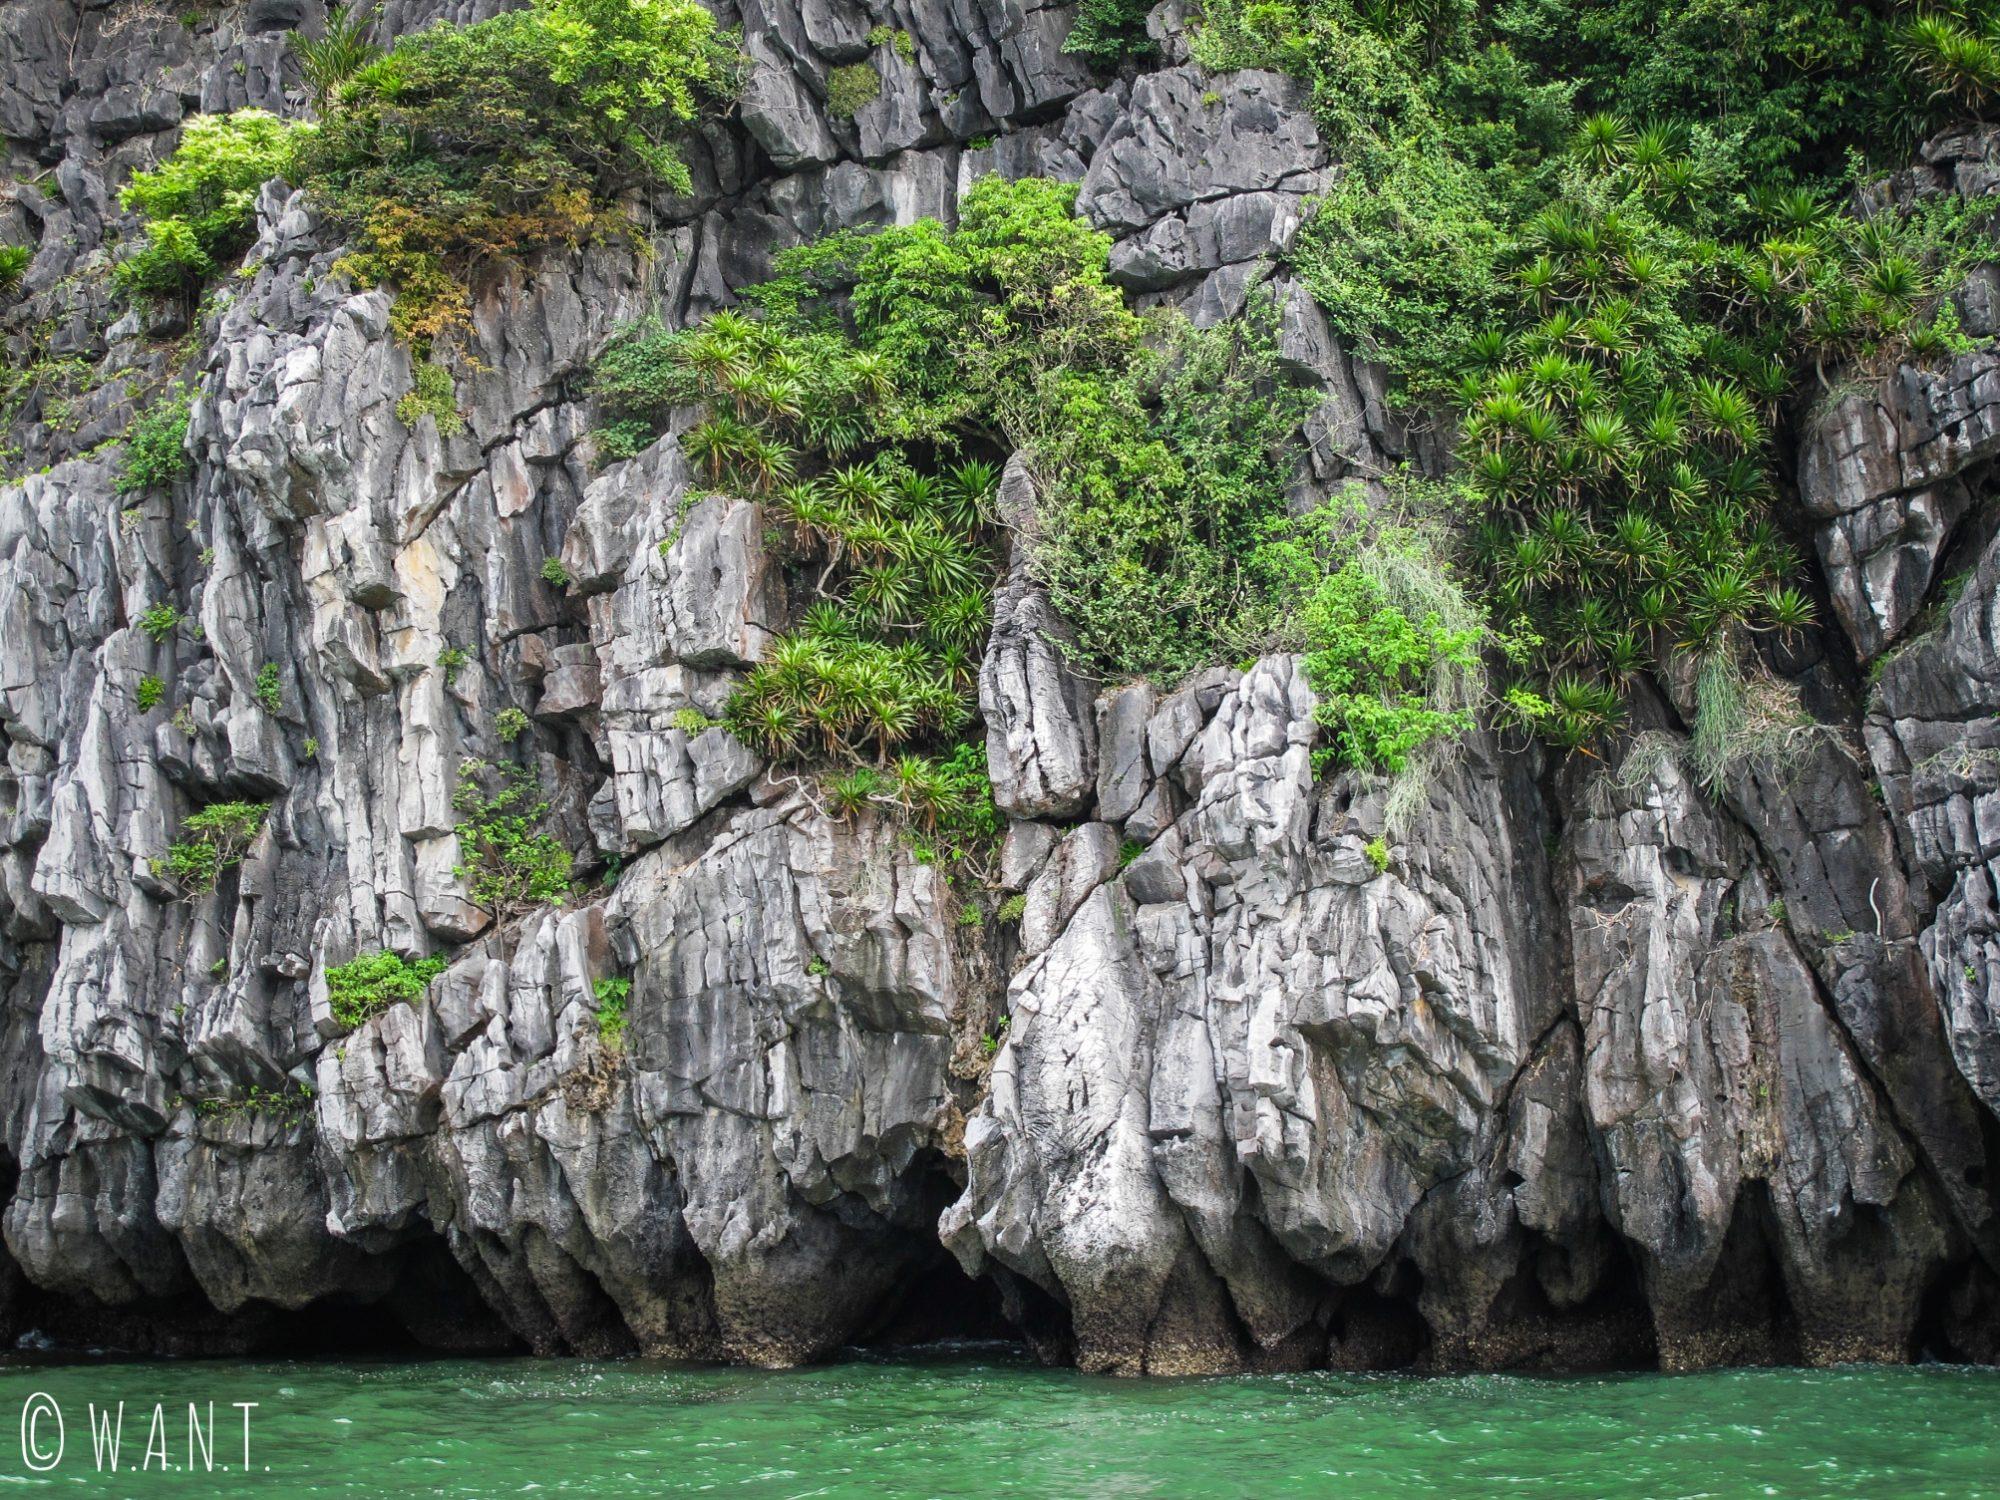 Le pic karstique rencontre l'eau de la Baie de Lan Ha